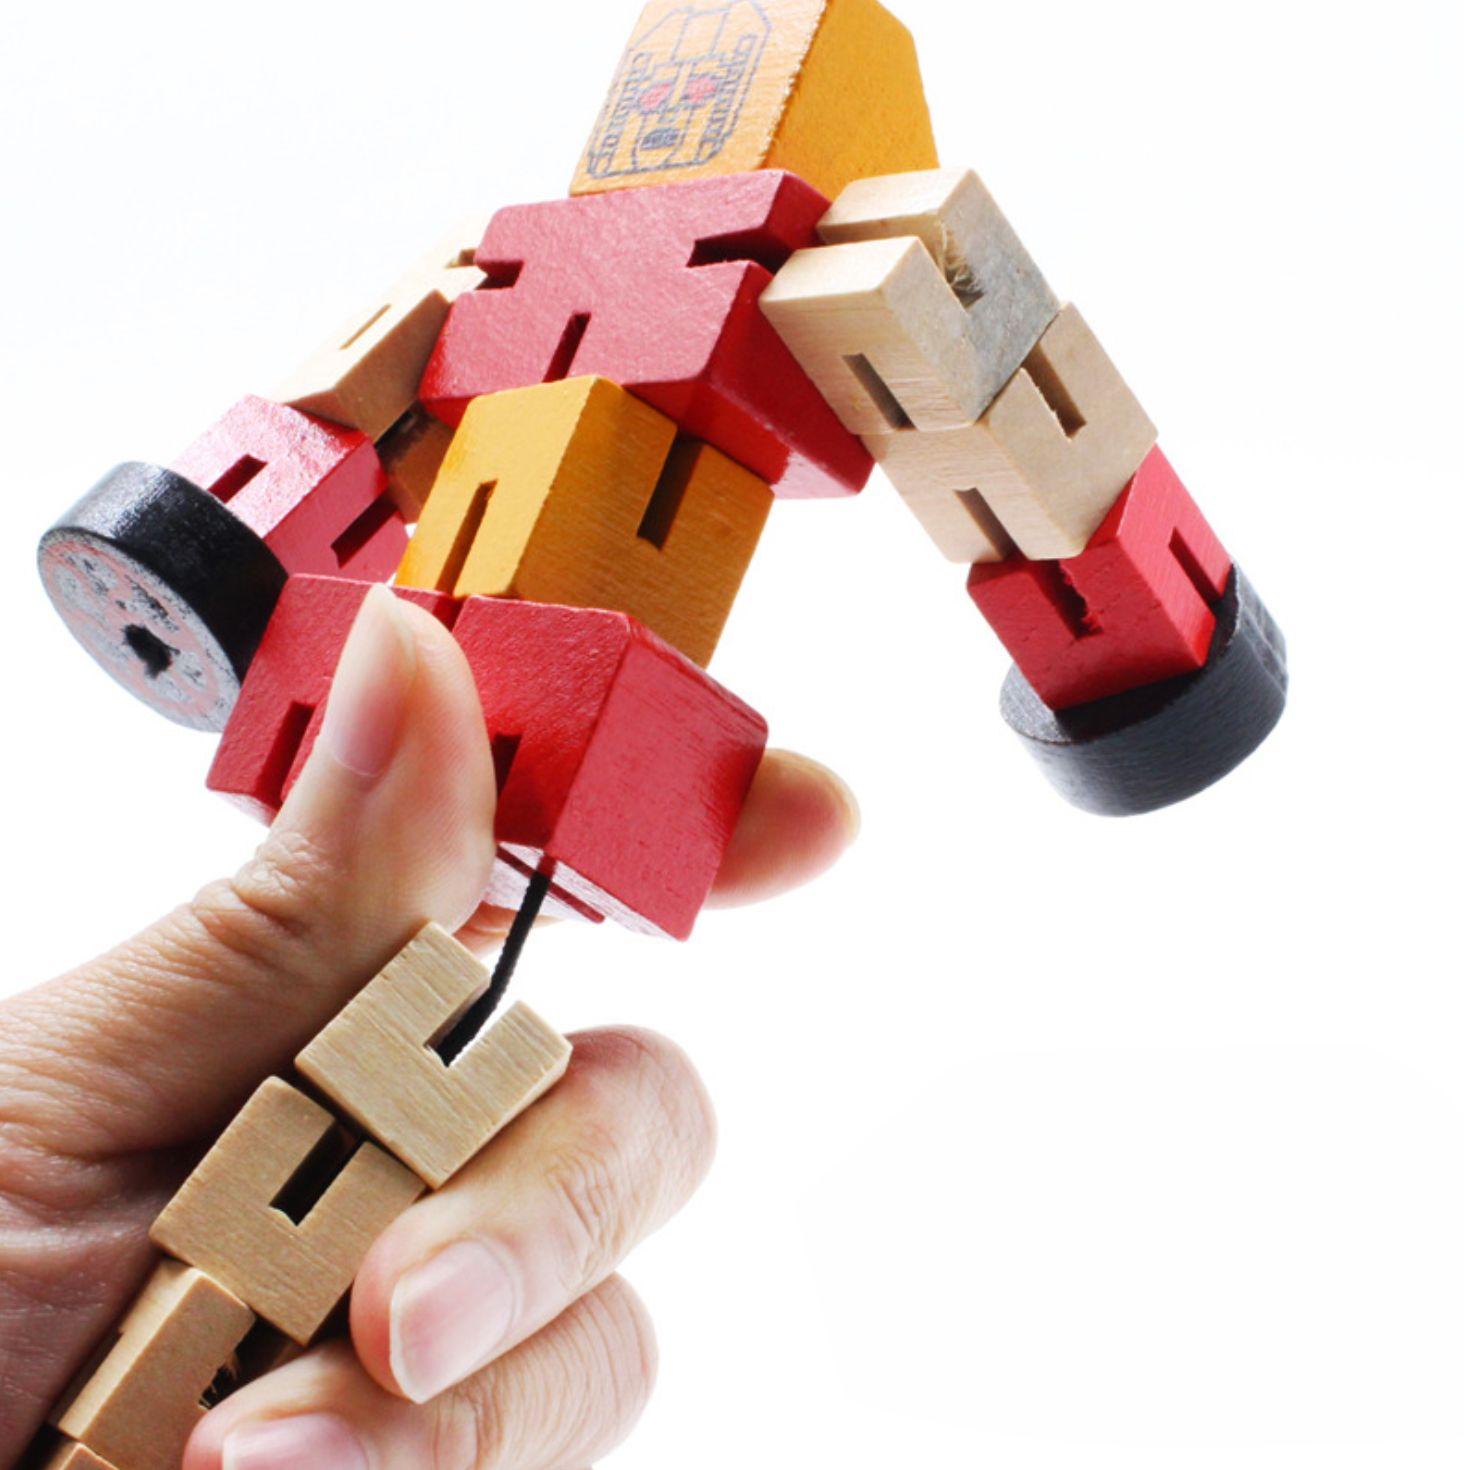 Đồ chơi rô bốt ghép hình bằng gỗ cho bé